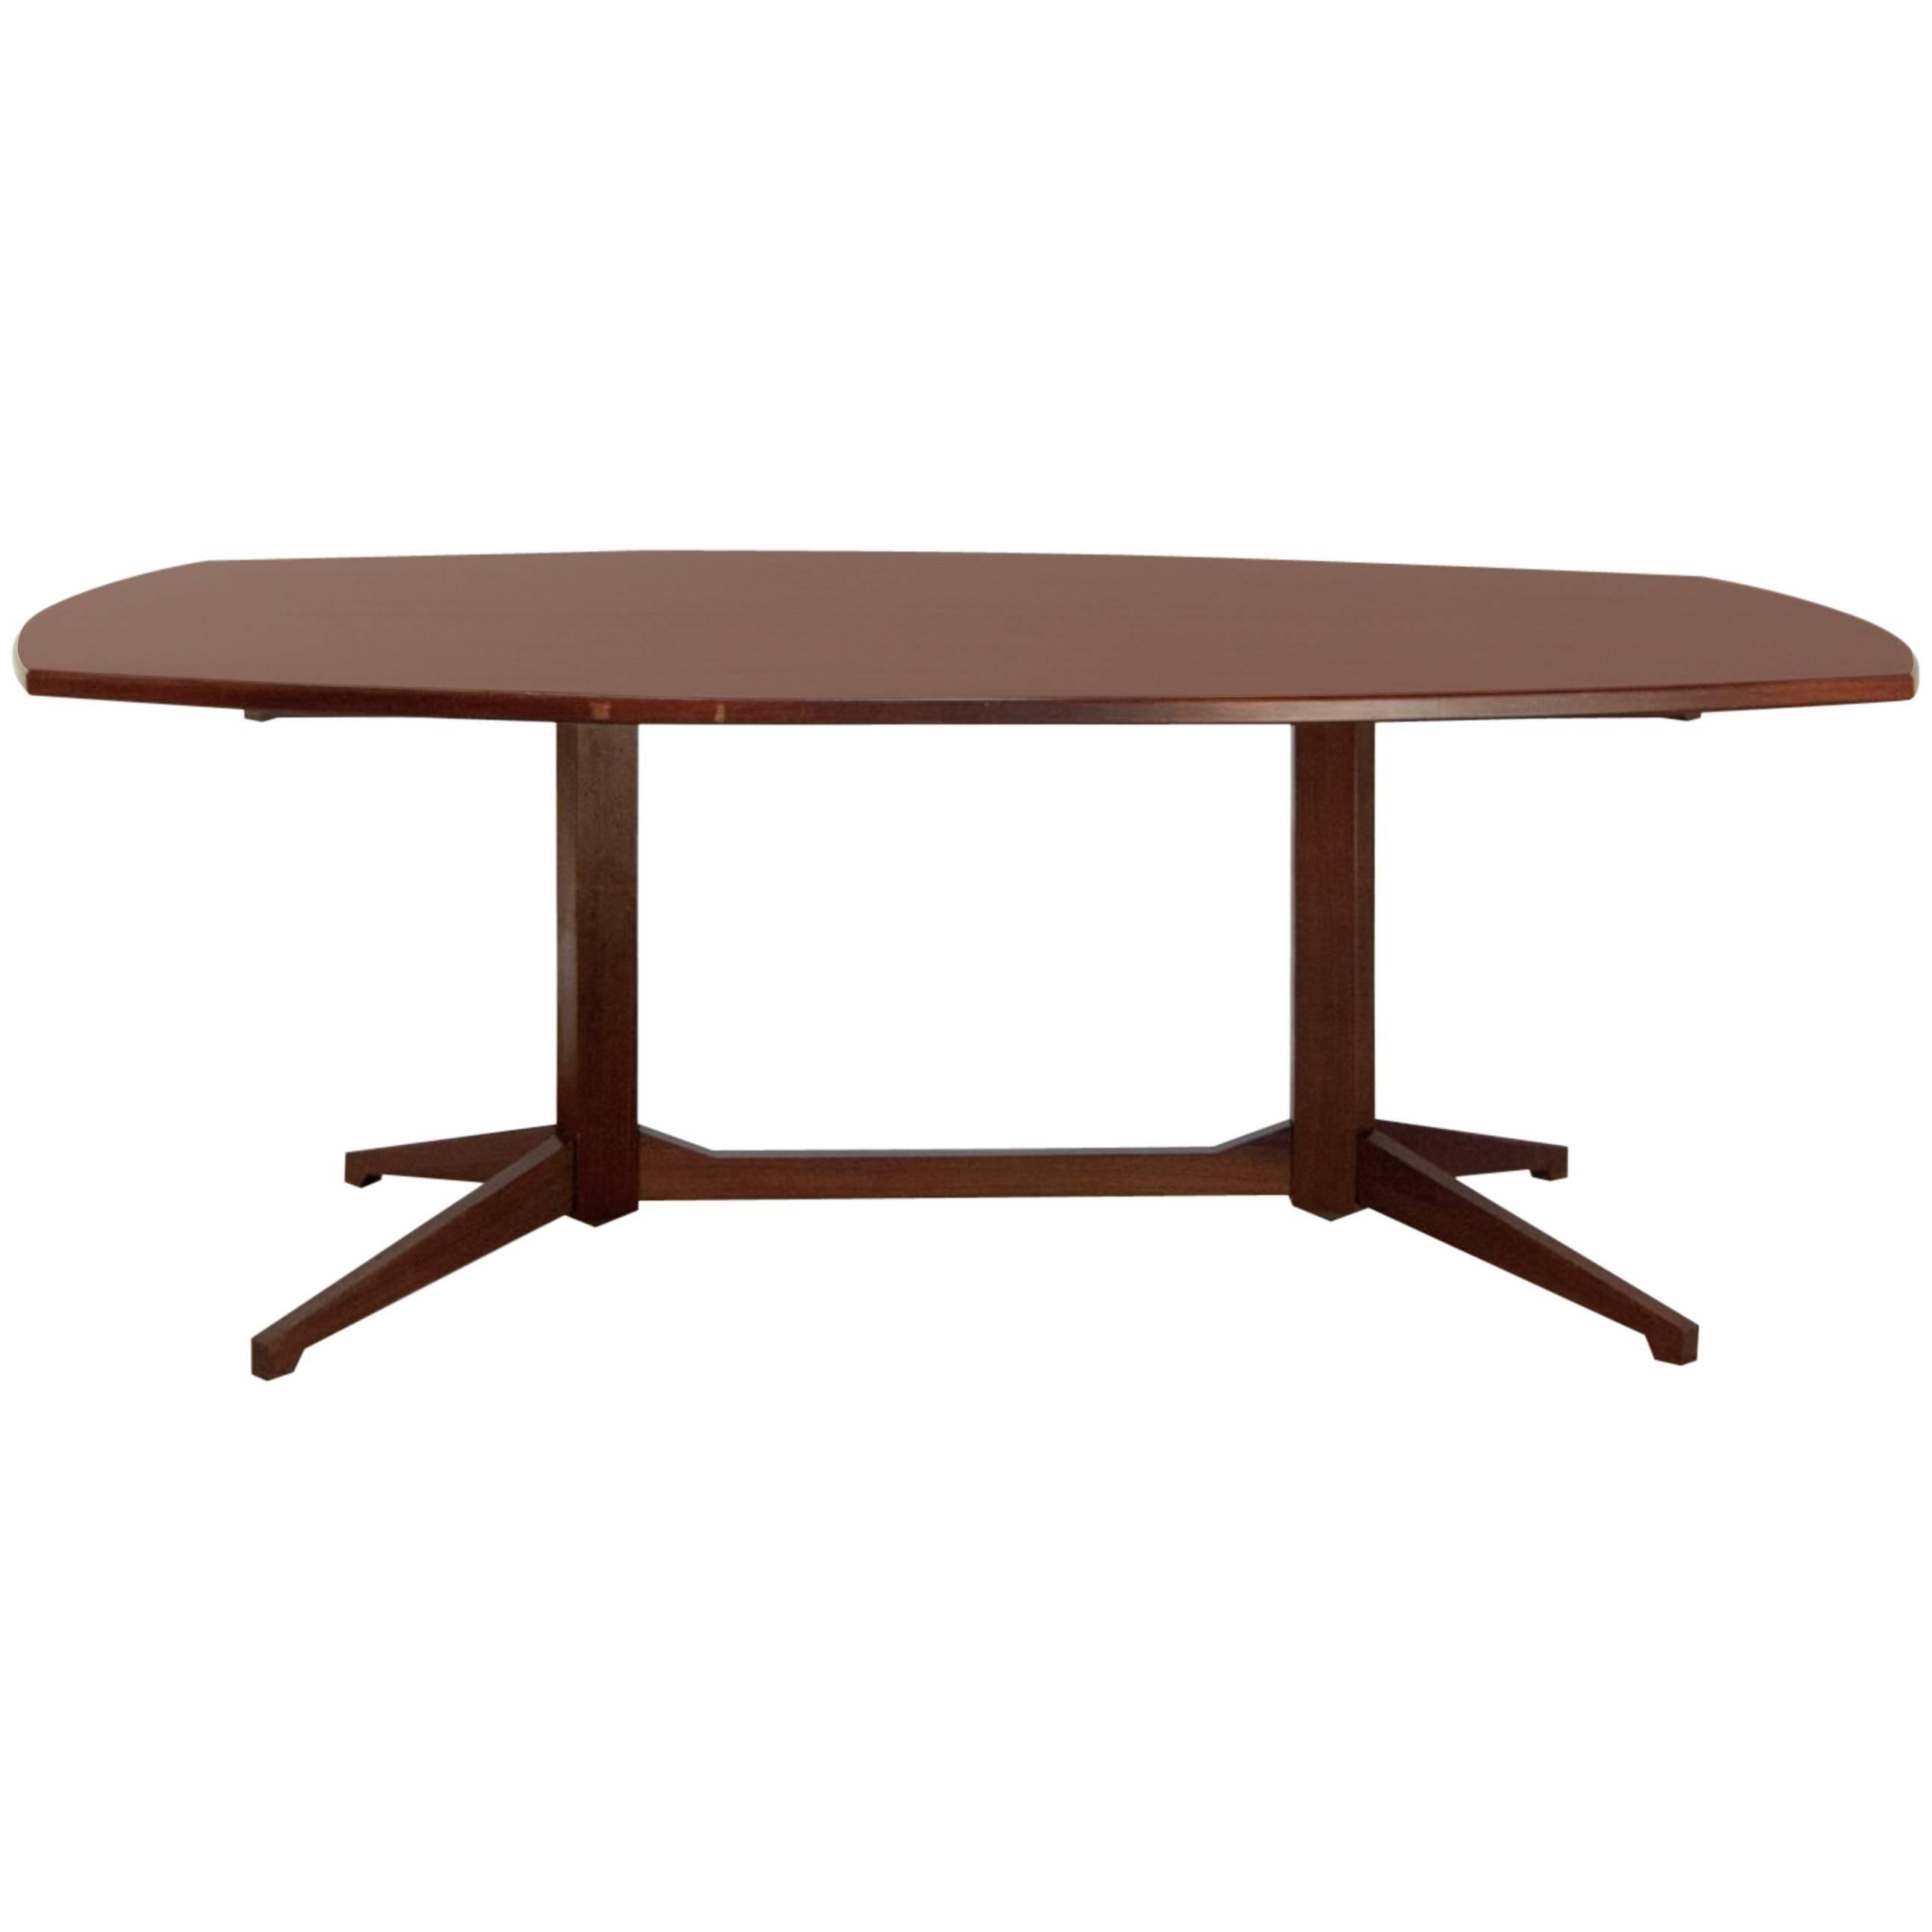 Franco Albini Mahogany mid-centry Italian Table  Model TL-22 produced by Poggi